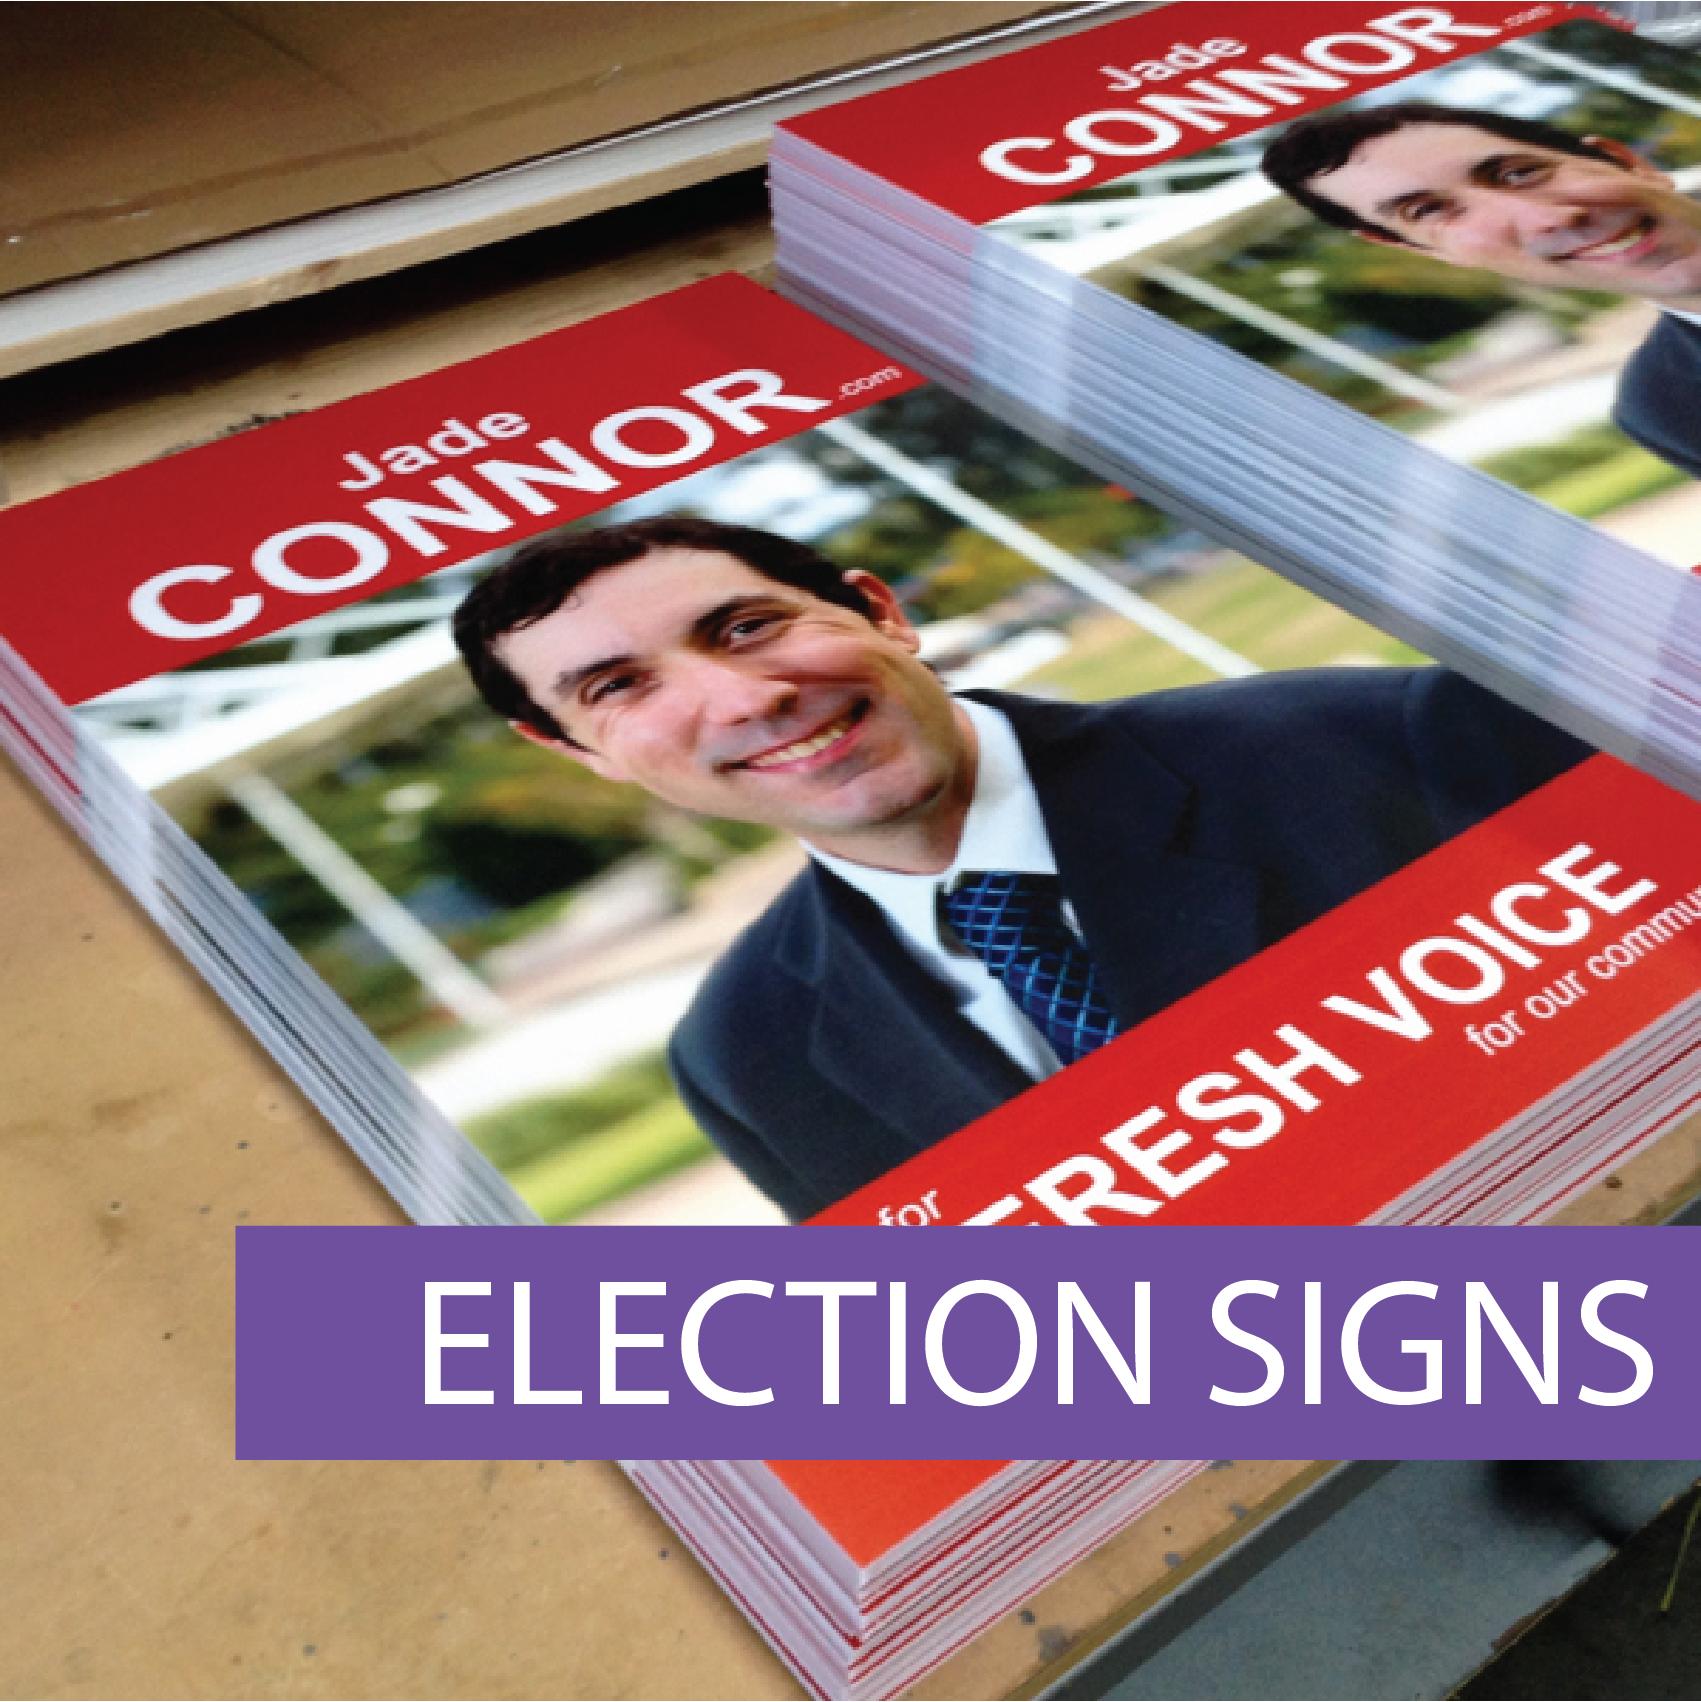 Electoral campaign signs